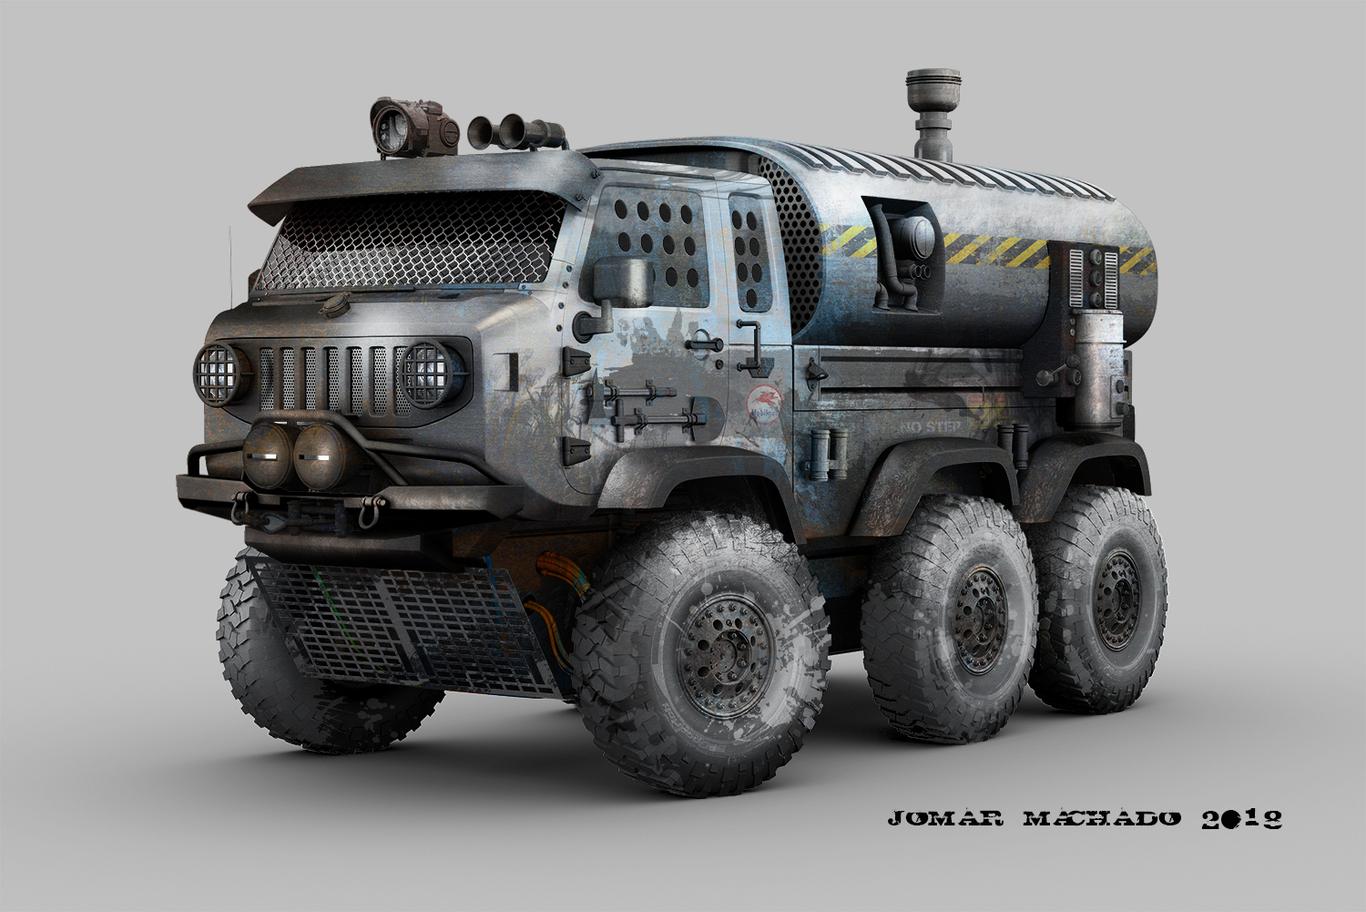 Machadoj mini war truck 1 8a2e2756 l5em